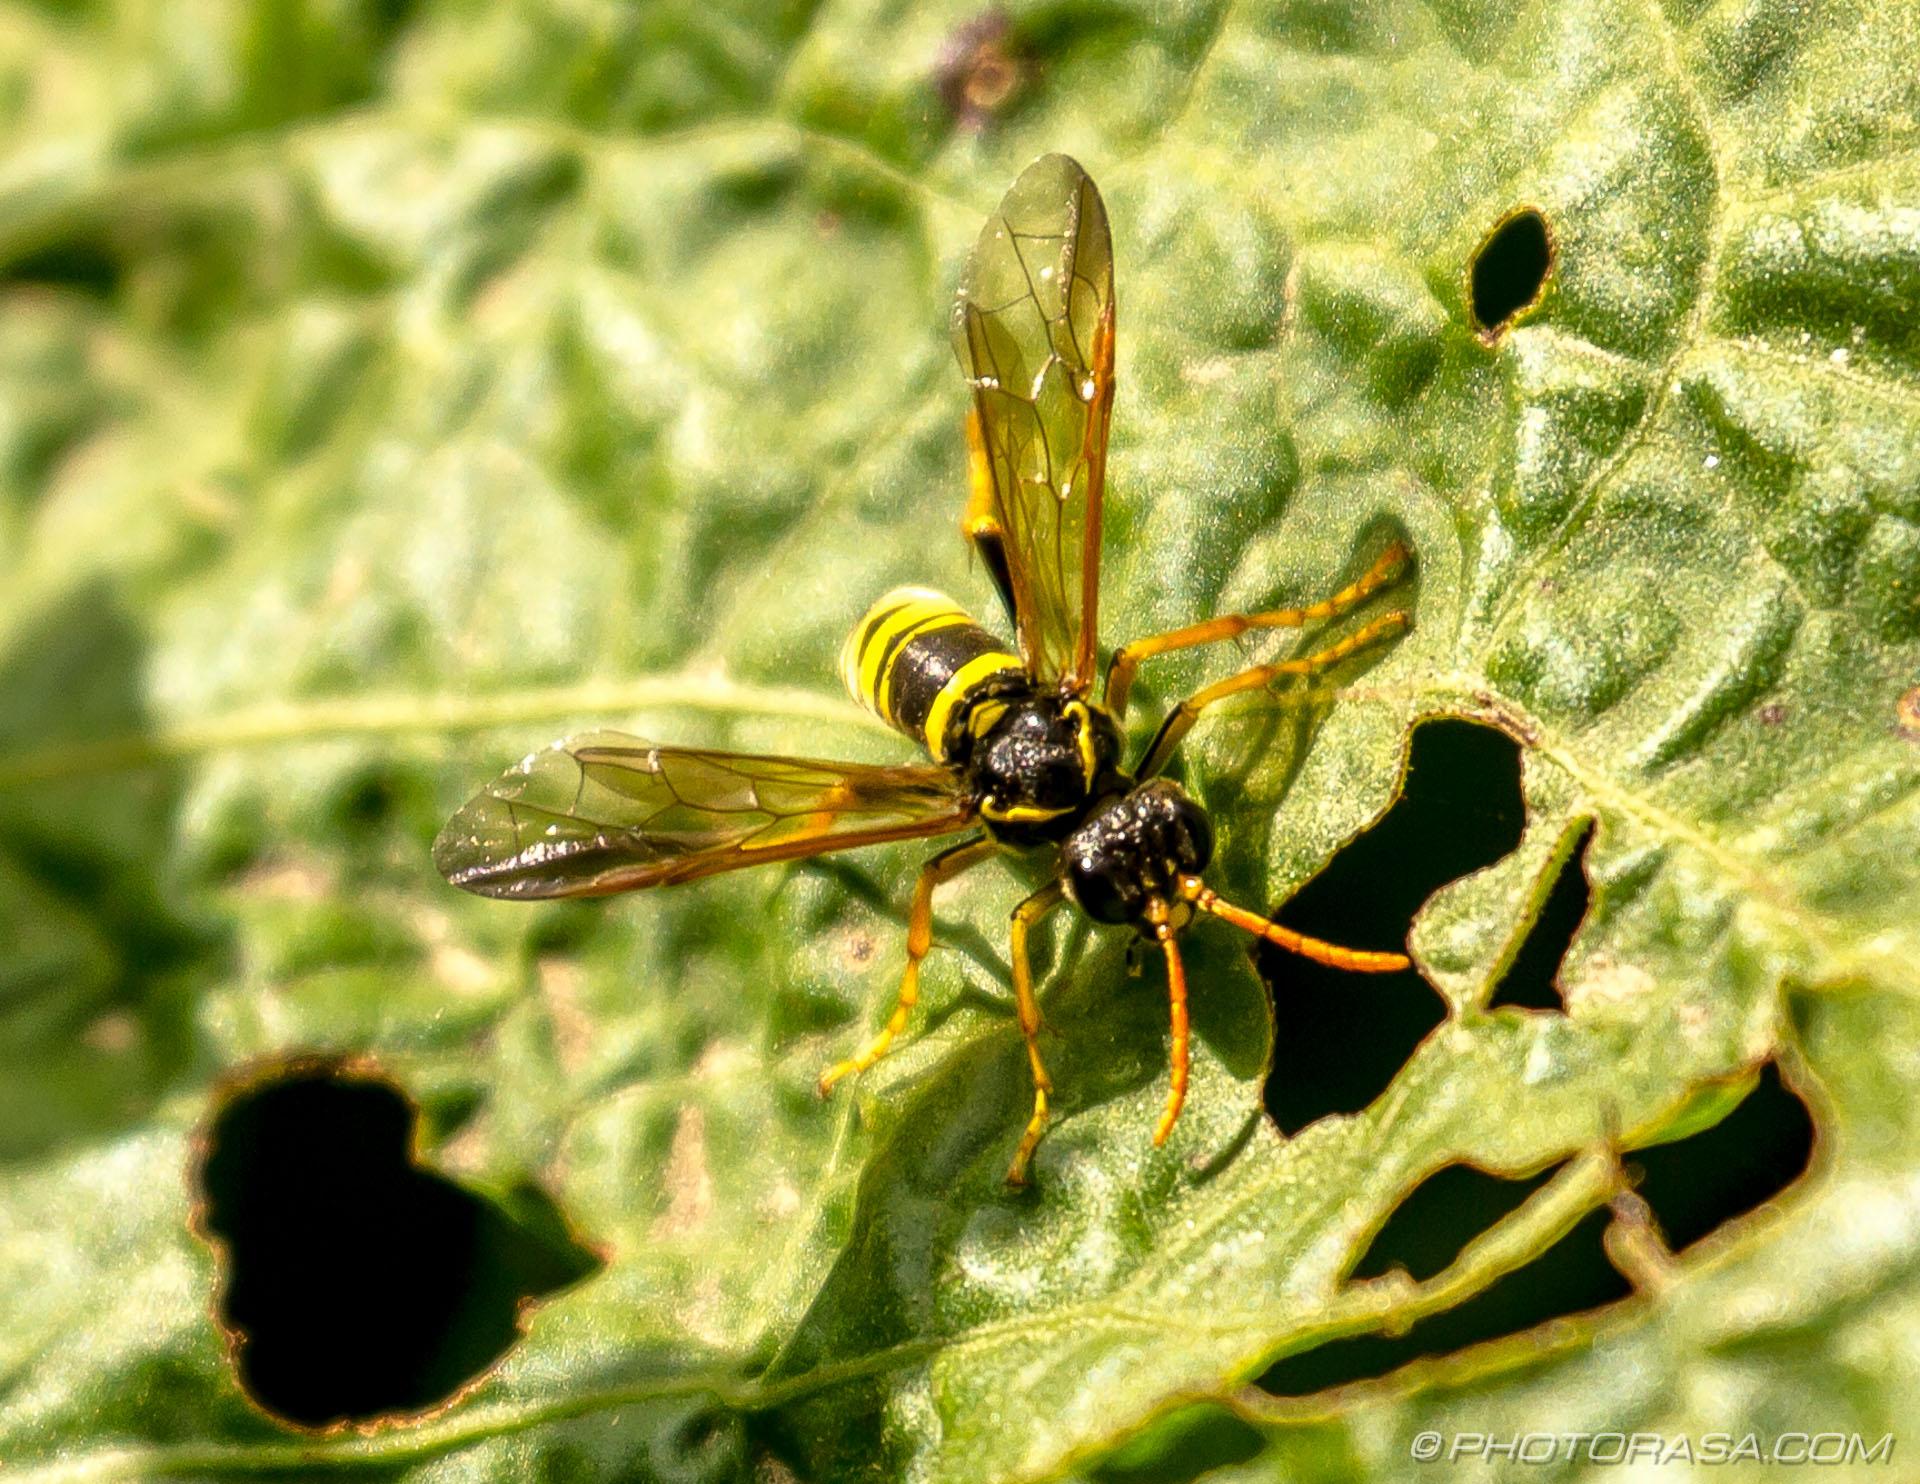 https://photorasa.com/hoverflies/wasp-like-fly/